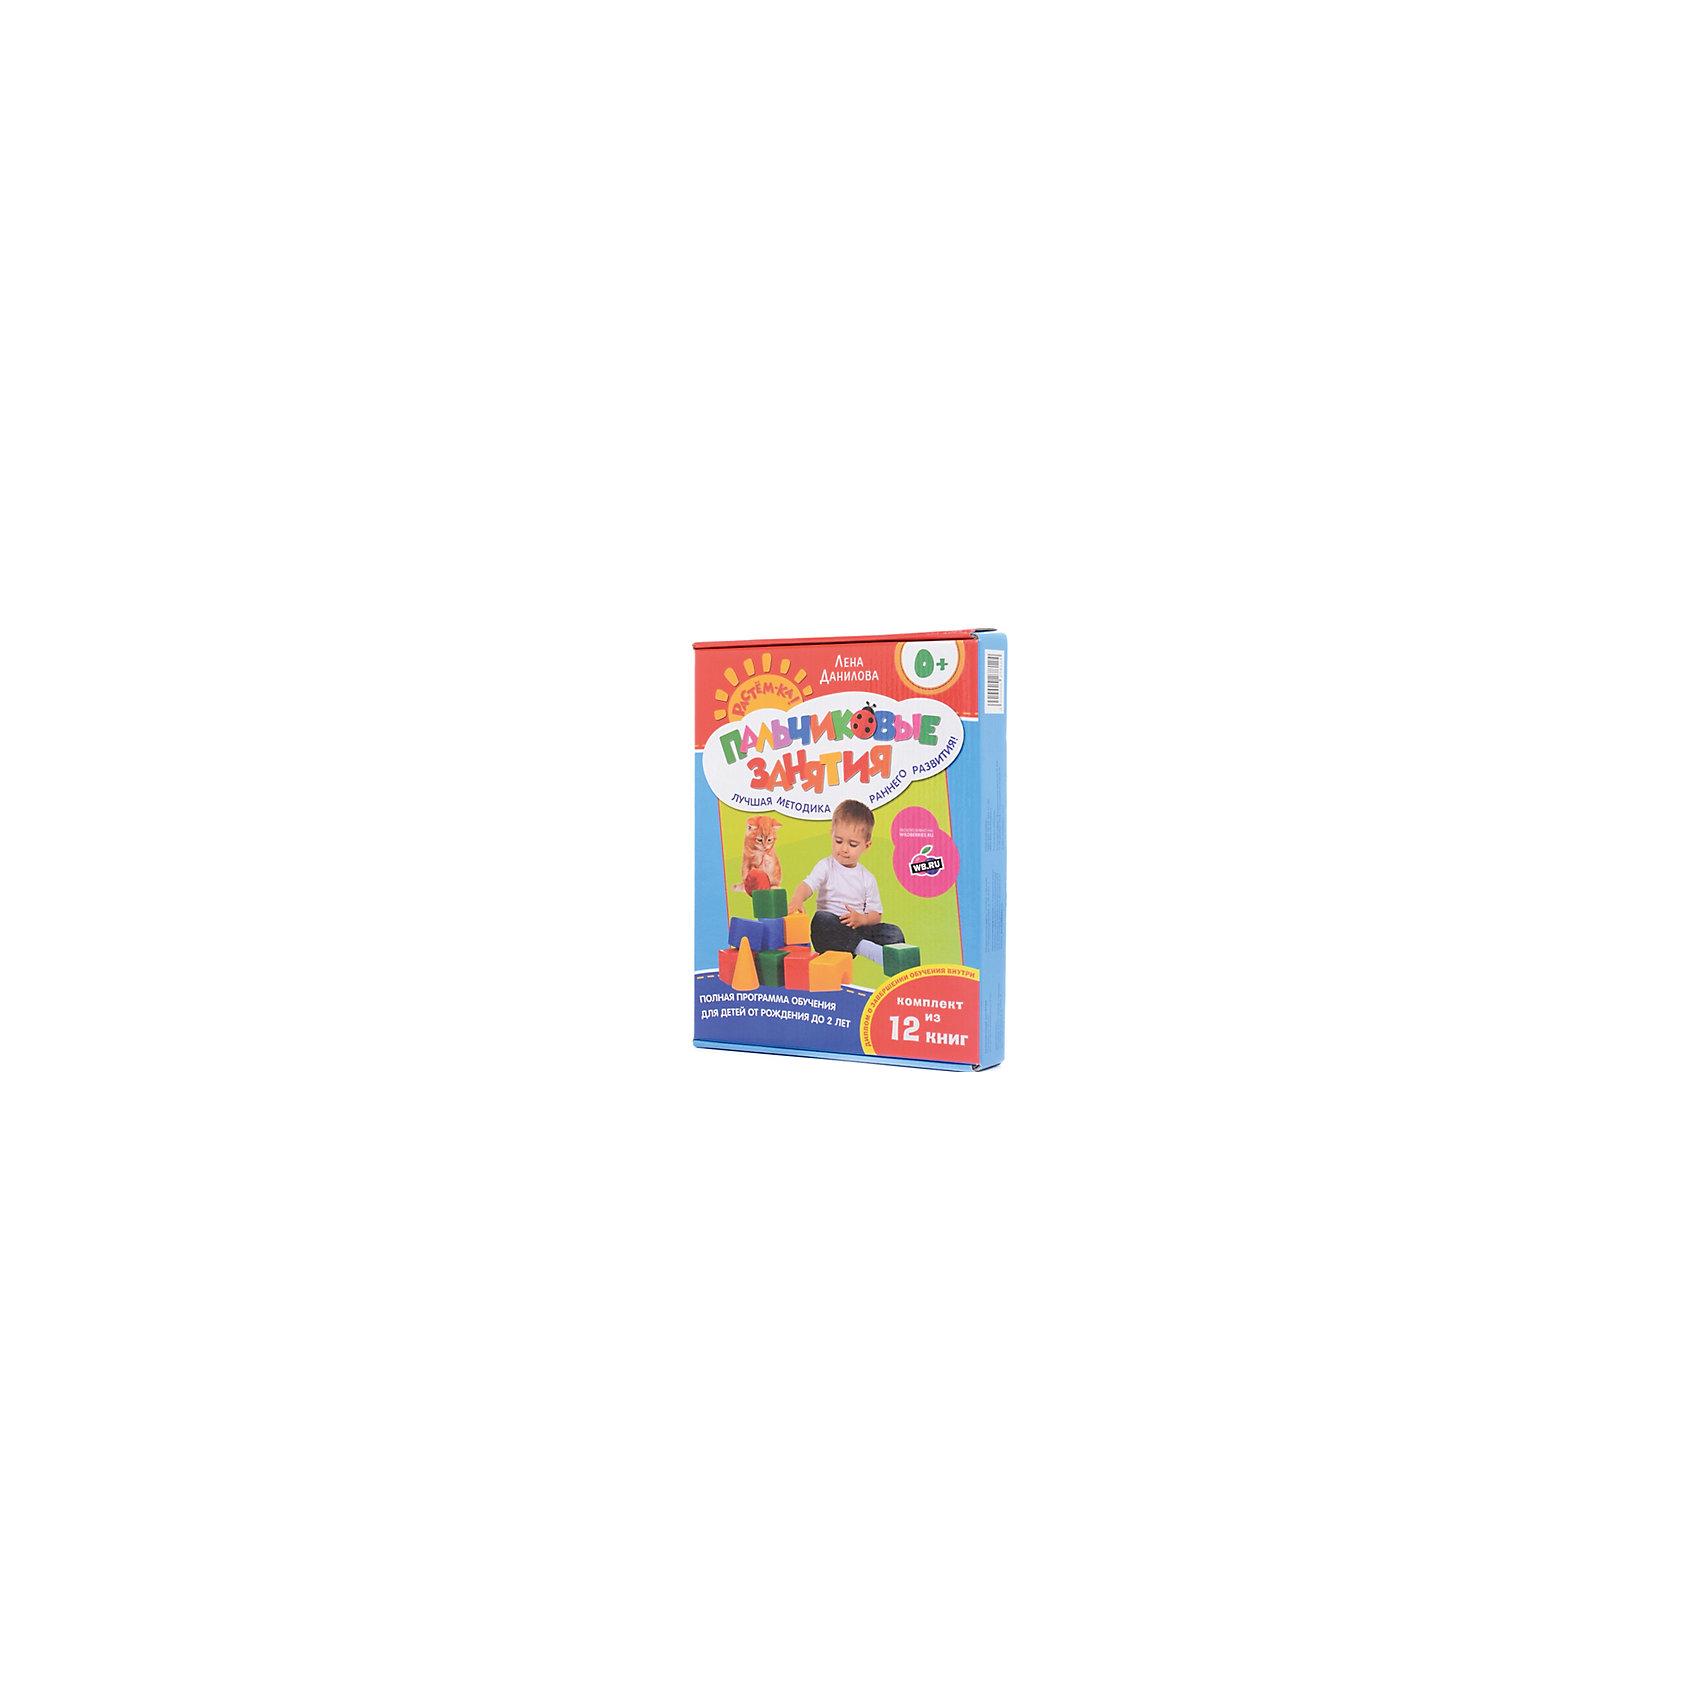 Комплект Пальчиковые занятия из 12 книг  (0+)Раскраски по номерам<br>Комплект из 12 брошюр Пальчиковые занятия - красочное пособие с уникальной и эффективной методикой раннего развития. Каждая брошюра посвящена определенной теме, понятной и интересной малышу: Мой дом, Я одеваюсь, Букашки, Вкусная и полезная еда, Такие разные животные, Я и мое тело, Наша дружная семья, Погуляем в лесу, Собаки и кошки, Давай сравнивать!, Изучаем фигуры, Один, два три... много! Занятия проводятся в легкой веселой форме, задания, увлекательные игры и смешные движения будут интересны малышу и не дадут ему заскучать. Через игру с пальчиками, через простые подражательные движения ребенок быстро вовлекается в развивающую игру. Система построена таким образом, что с книгами можно работать в произвольном порядке, а занятия могут проводить даже совершенно неподготовленные родители. Игровой макет книг разработан с учетом психологических и физиологических особенностей детей. Регулярные занятия по данному пособию будут способствовать всестороннему гармоничному развитию малыша.<br><br>Дополнительная информация:<br><br>- Автор: Е. А. Данилова.<br>- Серия: Растем-ка!<br>- Переплет: мягкая обложка, футляр.<br>- Иллюстрации: цветные.<br>- Объем: 192 стр.<br>- Размер упаковки: 27 x 20,5 х 3,5 см.<br>- Вес: 1,15 кг.<br><br>Комплект Пальчиковые занятия из 12 книг (0+), Росмэн, можно купить в нашем интернет-магазине.<br><br>Ширина мм: 270<br>Глубина мм: 205<br>Высота мм: 35<br>Вес г: 1150<br>Возраст от месяцев: 0<br>Возраст до месяцев: 36<br>Пол: Унисекс<br>Возраст: Детский<br>SKU: 4244019